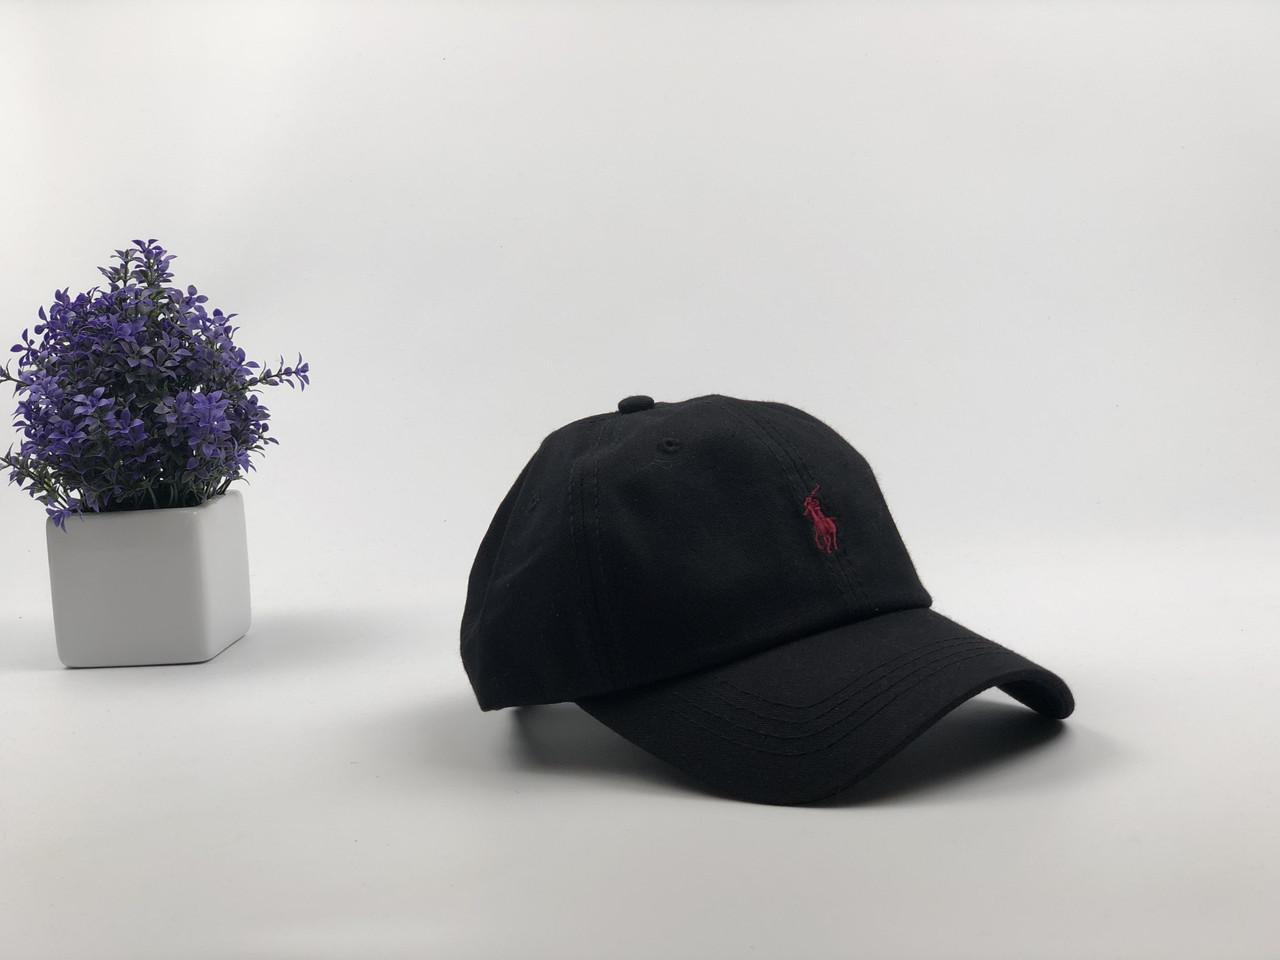 Кепка Бейсболка Мужская Женская Polo Ralph Lauren с тканевым ремешком Черная с Красным лого